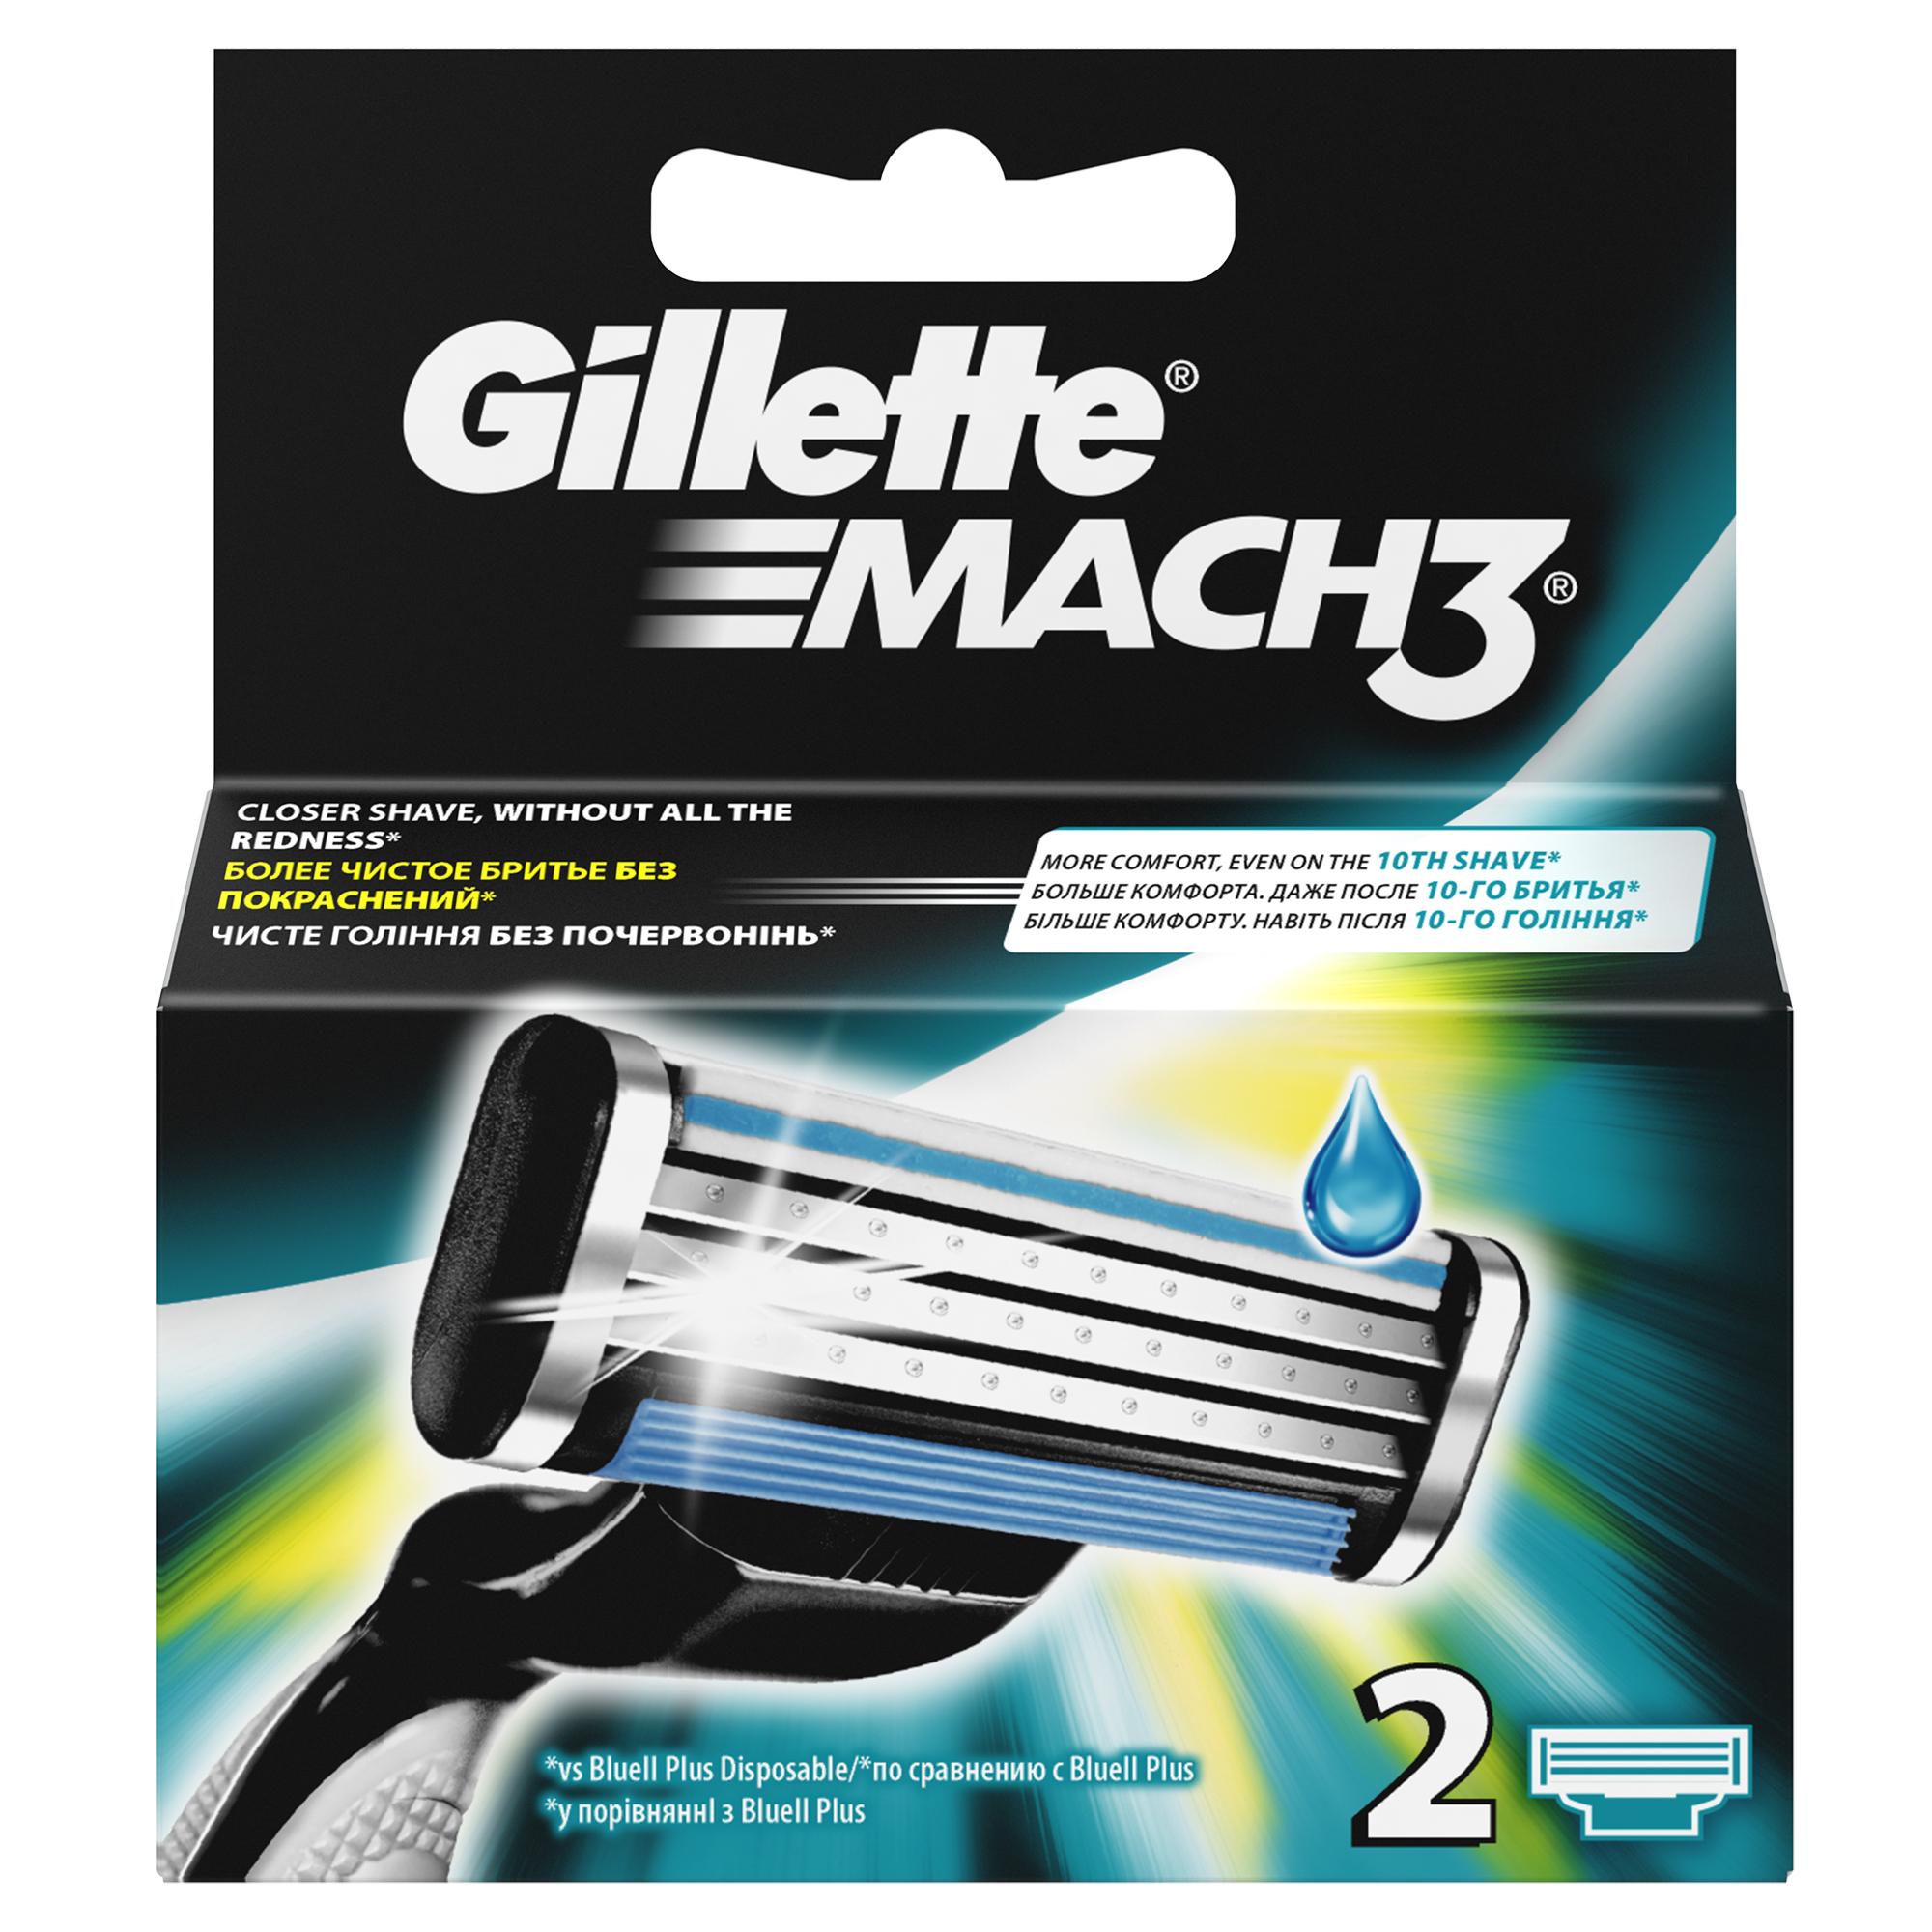 Сменные кассеты для бритья Gillette Mach 3, 2 шт.1301210Сменные кассеты для мужской бритвы Gillette Mach3 обеспечивают гладкое бритье без покраснения кожи, а ощущения даже при 10-м их использовании лучше, чем при бритье новой одноразовой бритвой.* В комплект каждой сменной кассеты входят 3 лезвия DuraComfort для долговременного комфорта. Гелевая полоска скользит по коже, защищая ее от покраснения, а усовершенствованный микрогребень Skin Guard помогает натянуть кожу и подготовить волоски к срезанию. Эти сменные кассеты для бритвы Mach3 подходят к любой бритве Mach3. *По сравнению с Gillette BlueIIПреимущества продукта:Даже 10-ое бритье Mach3 комфортнее 1-го одноразовой бритвой (по сравнению с Gillette Blue II Plus)Более гладкое бритье без раздражения (по сравнению с одноразовой бритвой Gillette Blue II Plus)3 лезвия DuraComfort для долговременного комфортаГелевая полоска скользит по коже, защищая ее от покрасненияУсовершенствованный микрогребень Skin Guard помогает натянуть кожу и подготовить волоски к срезаниюПодходит к любым бритвам серии Mach3